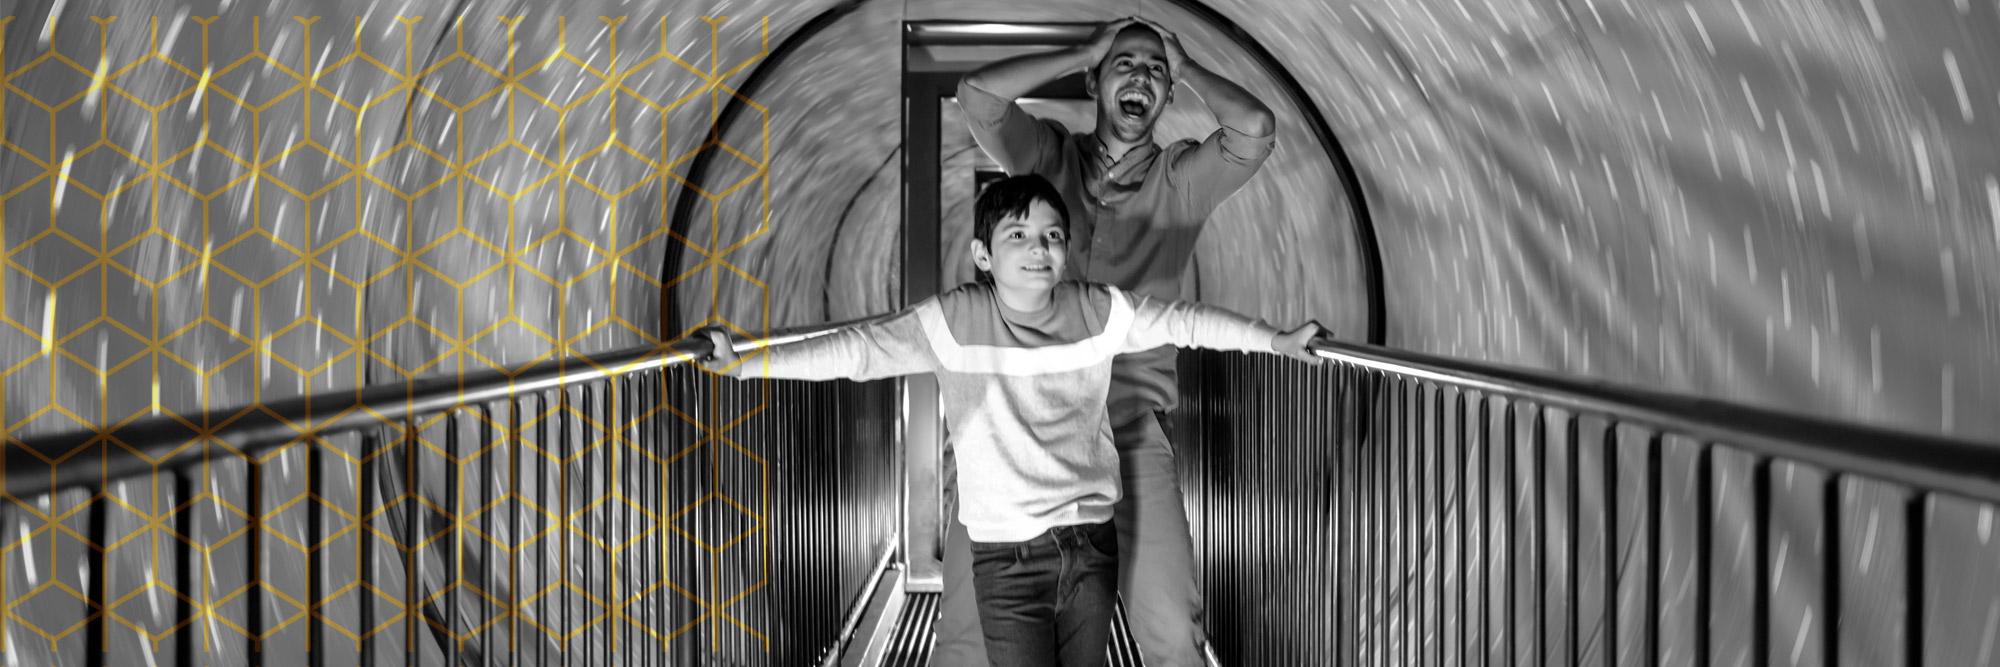 Бесплатный вход для детей в Музей иллюзий в Мадриде